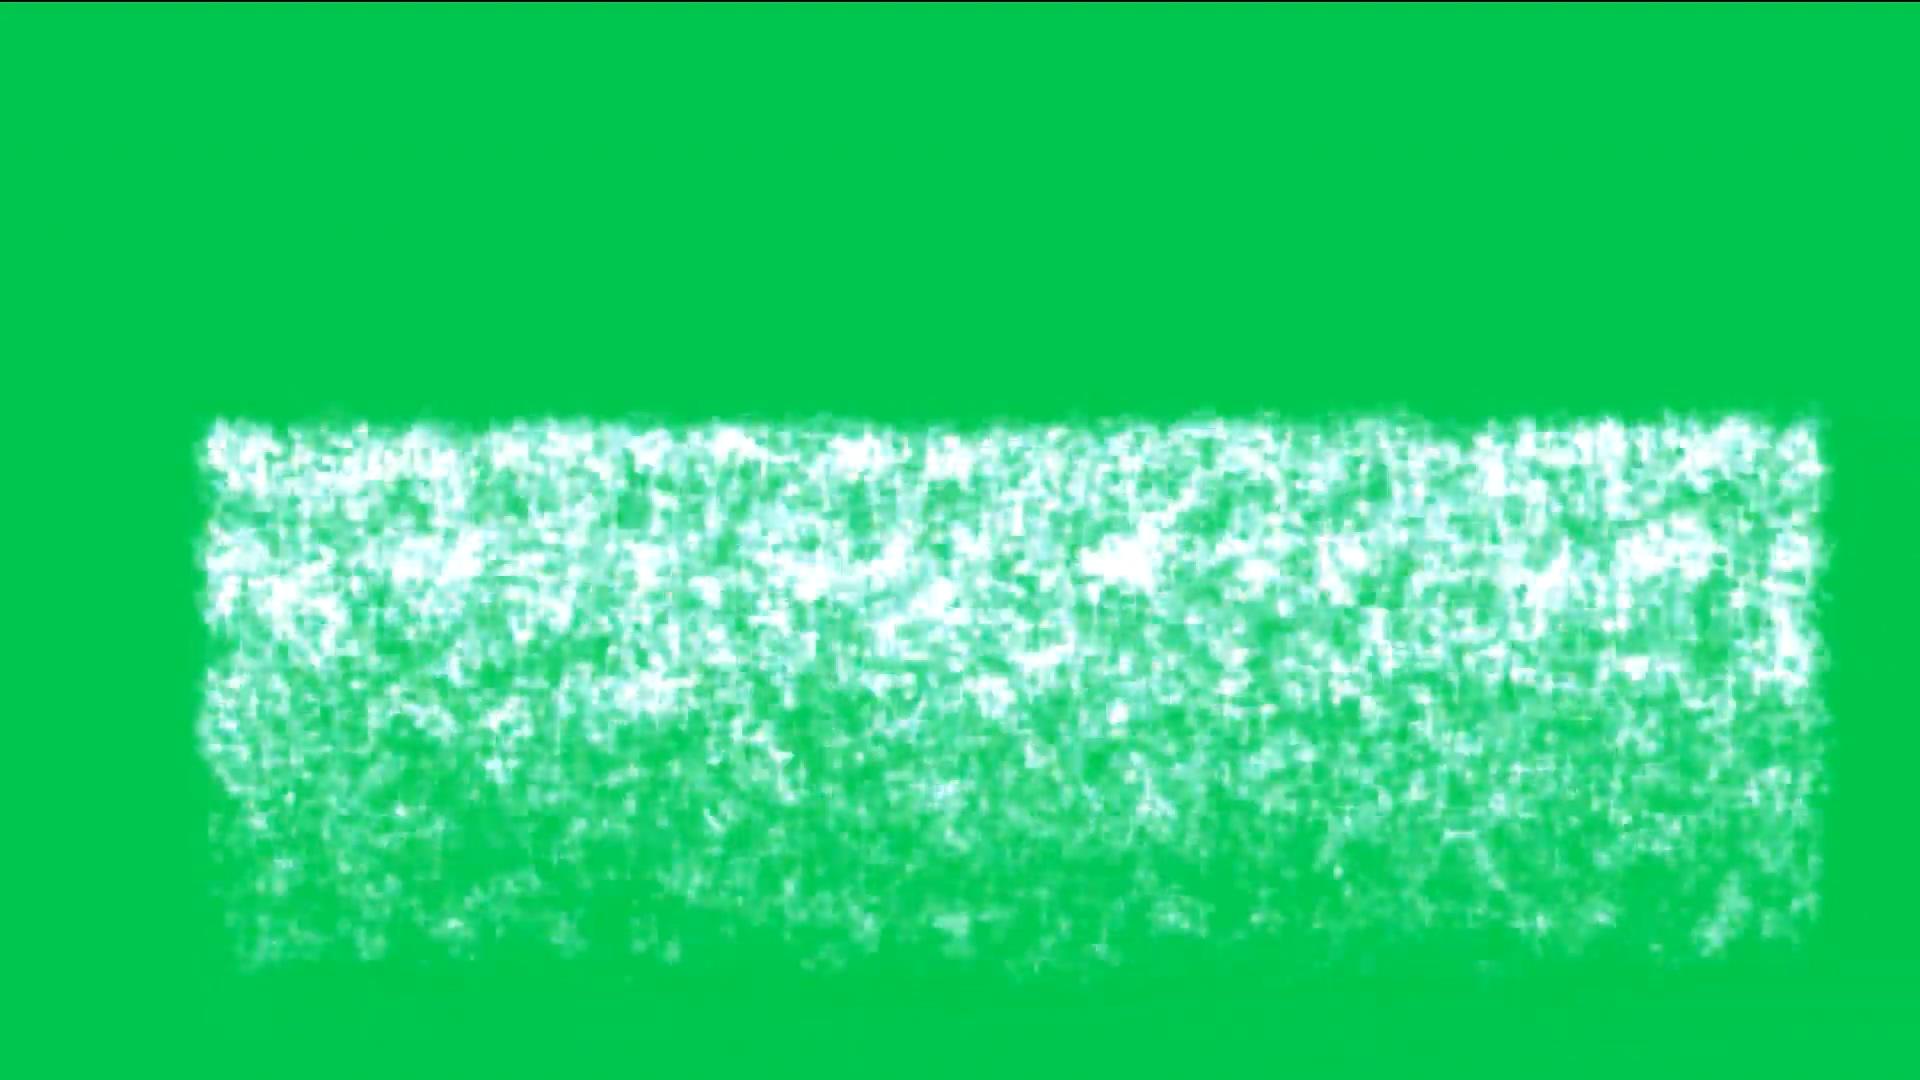 绿屏抠像闪金光的瀑布